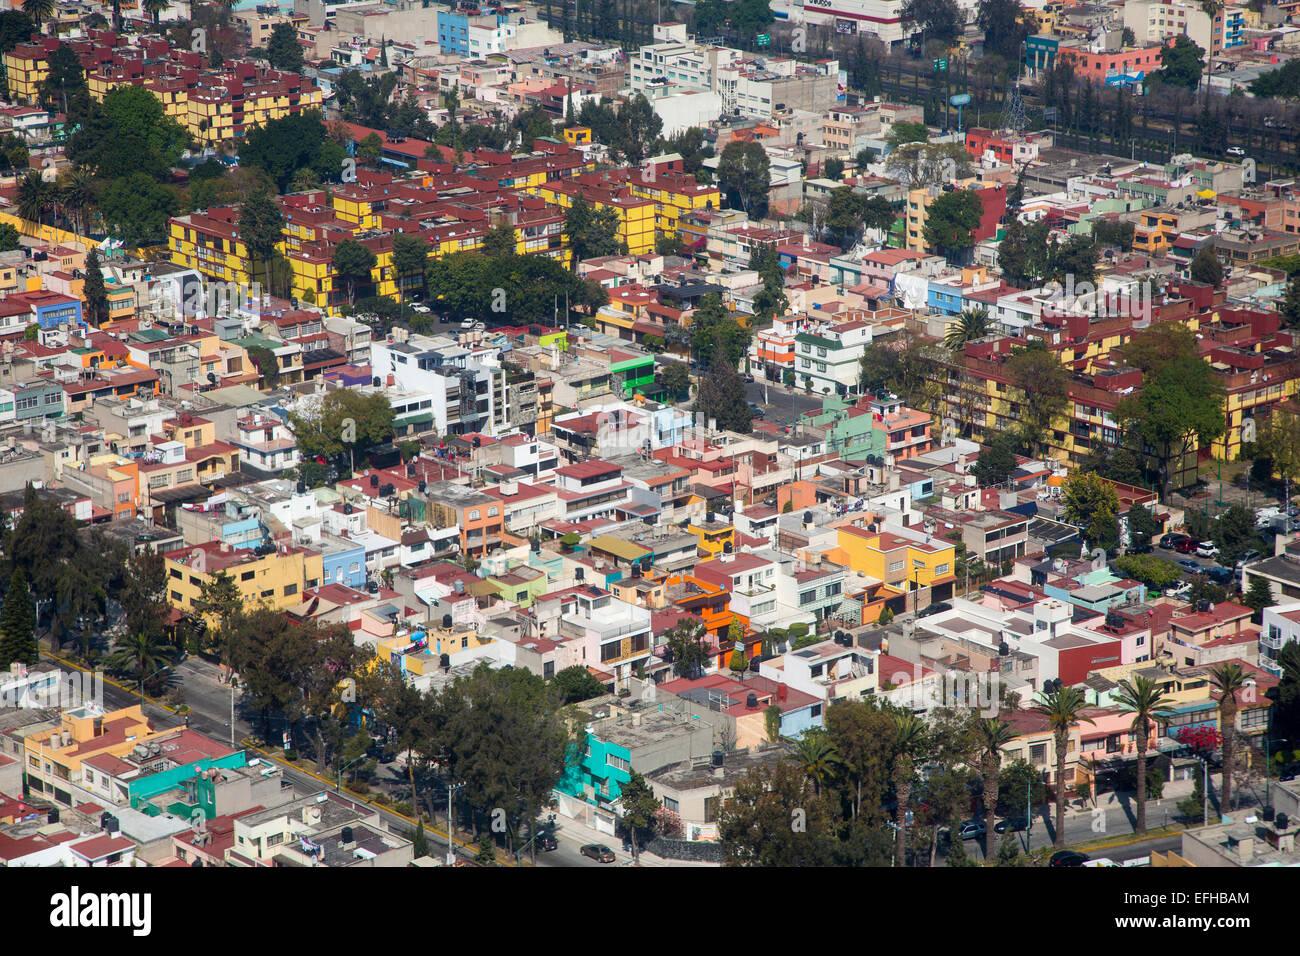 Ciudad de México, México - Colorida vivienda en la Ciudad de México. Imagen De Stock